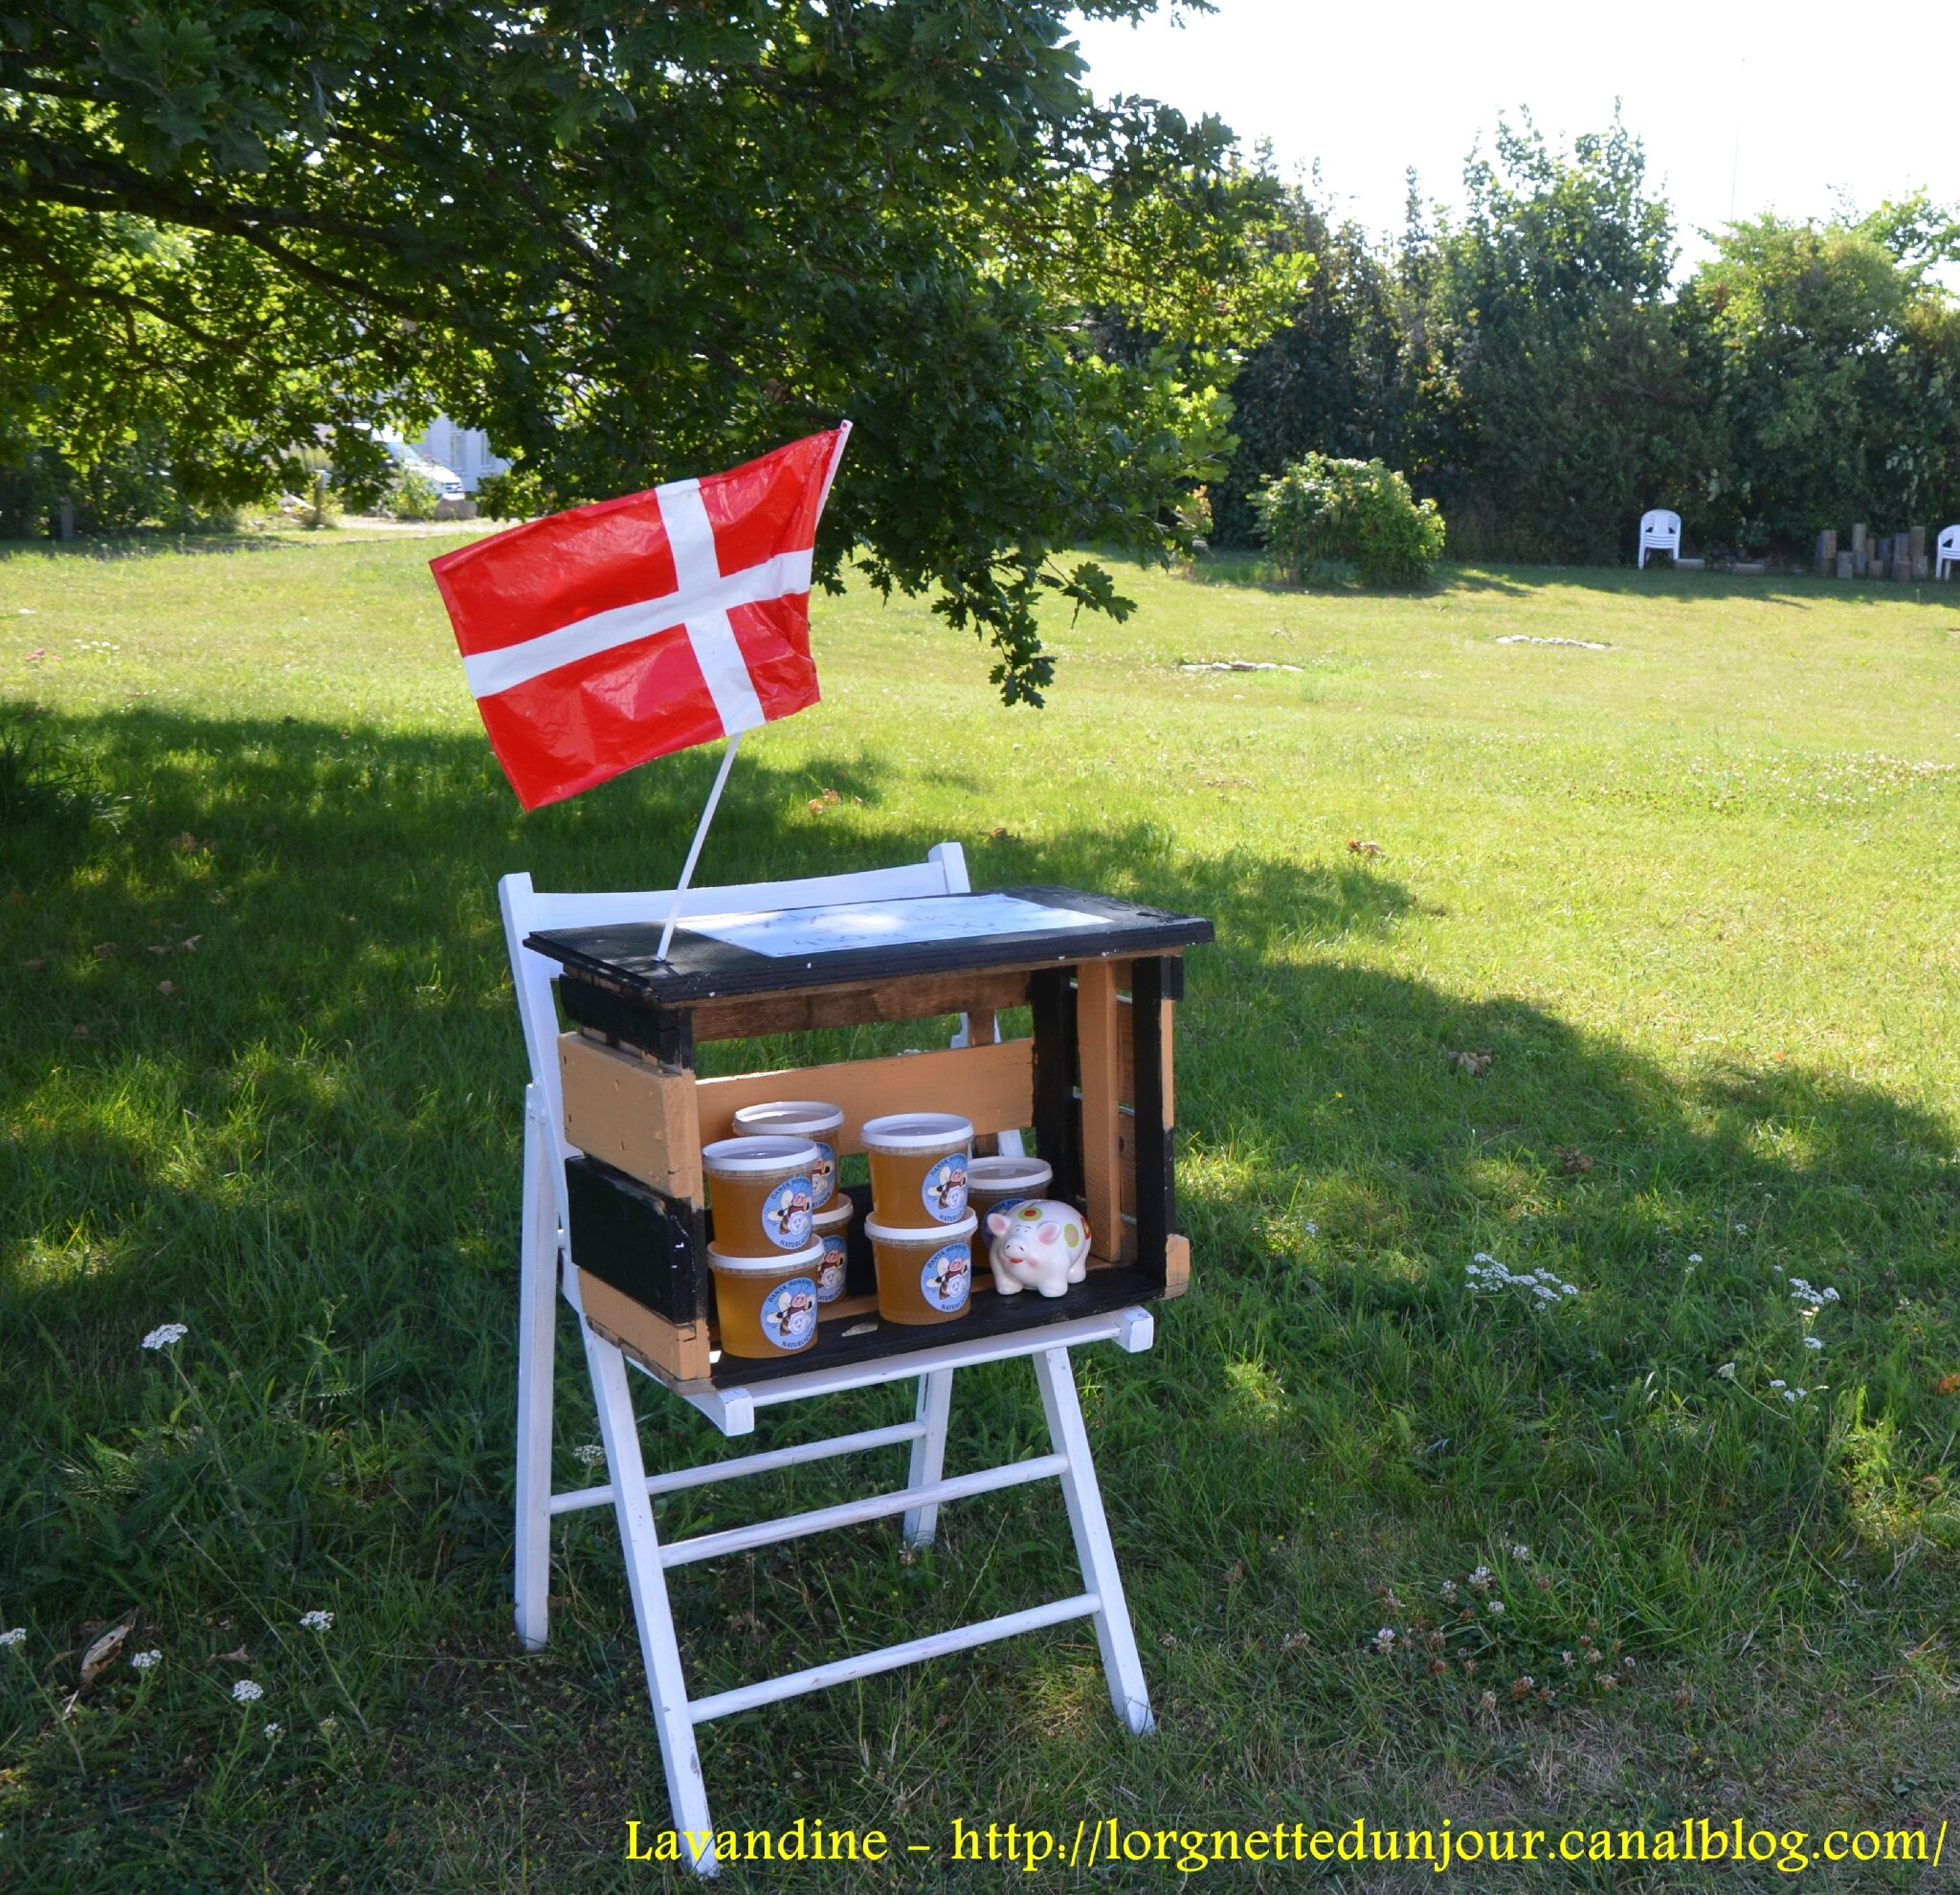 18/01/15 : Avant de quitter le Danemark